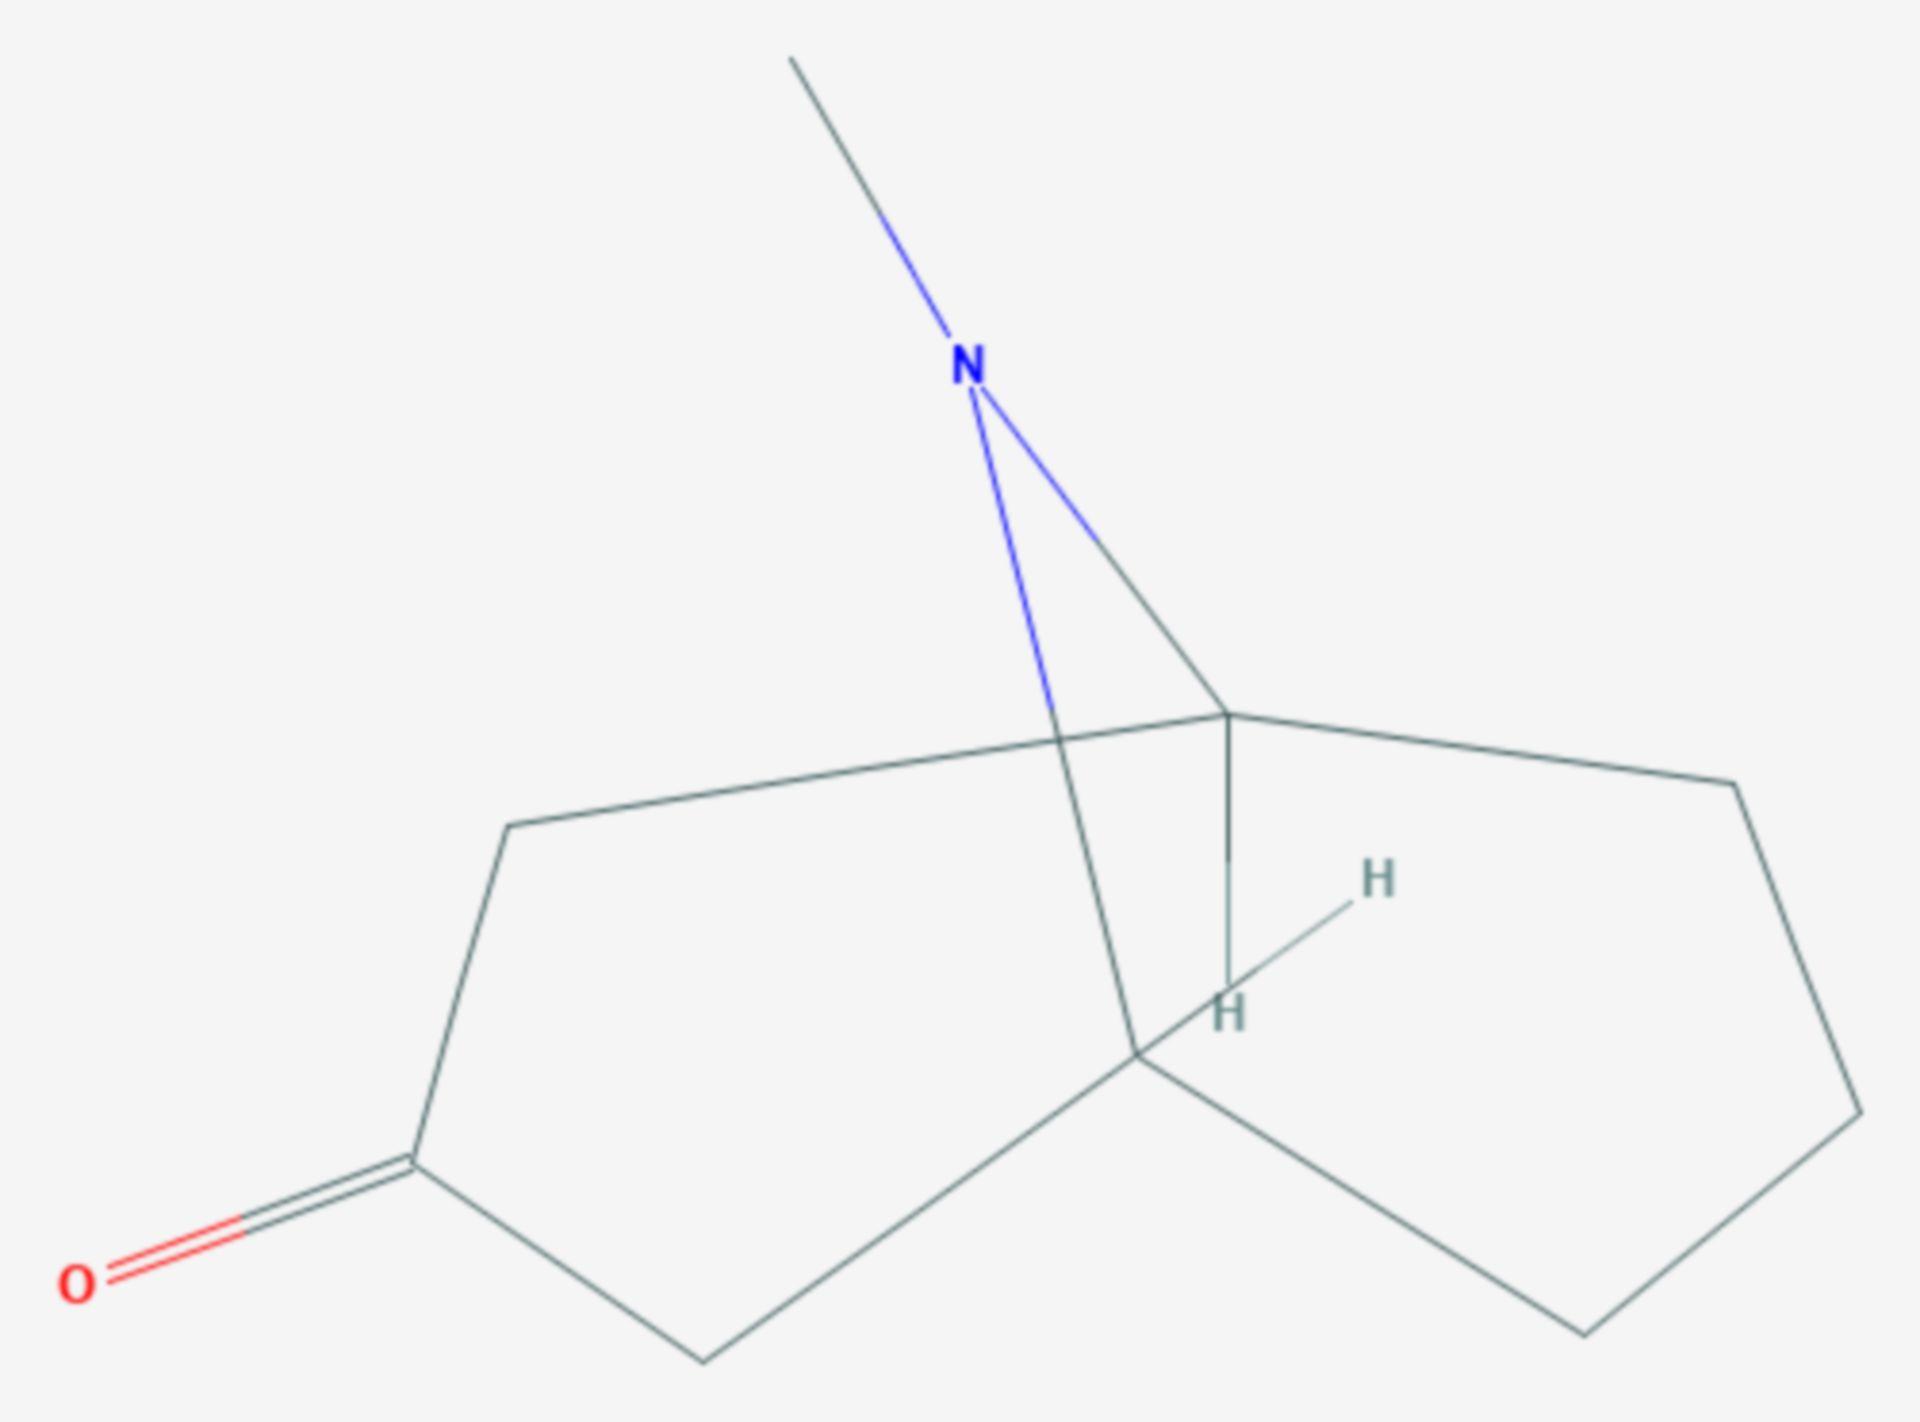 Pseudopelletierin (Strukturformel)